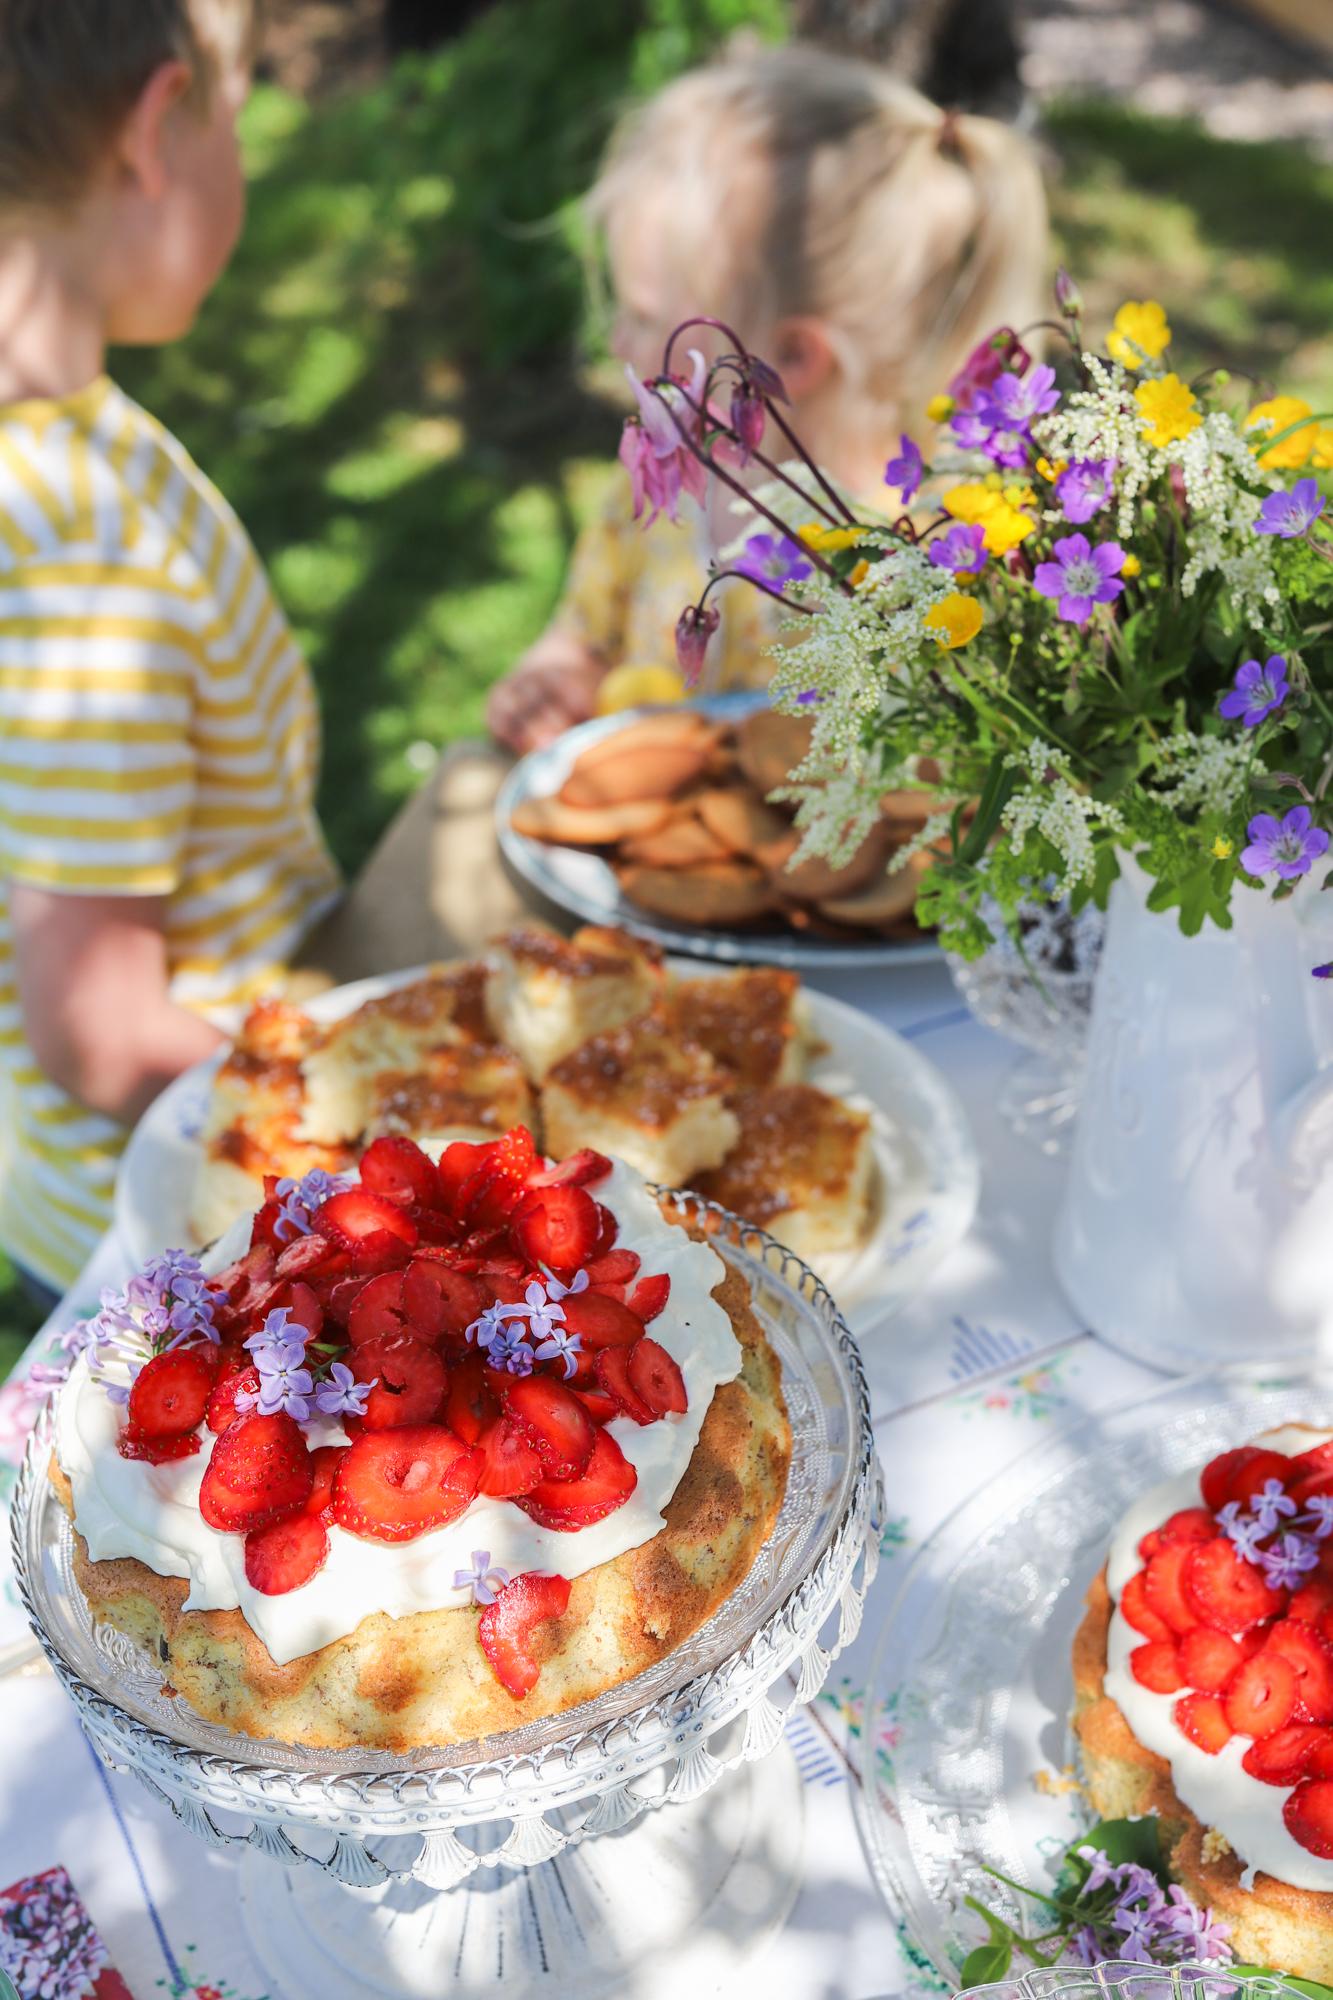 Kalasglimtar och Recept på Mandeltårta med jordgubbar!